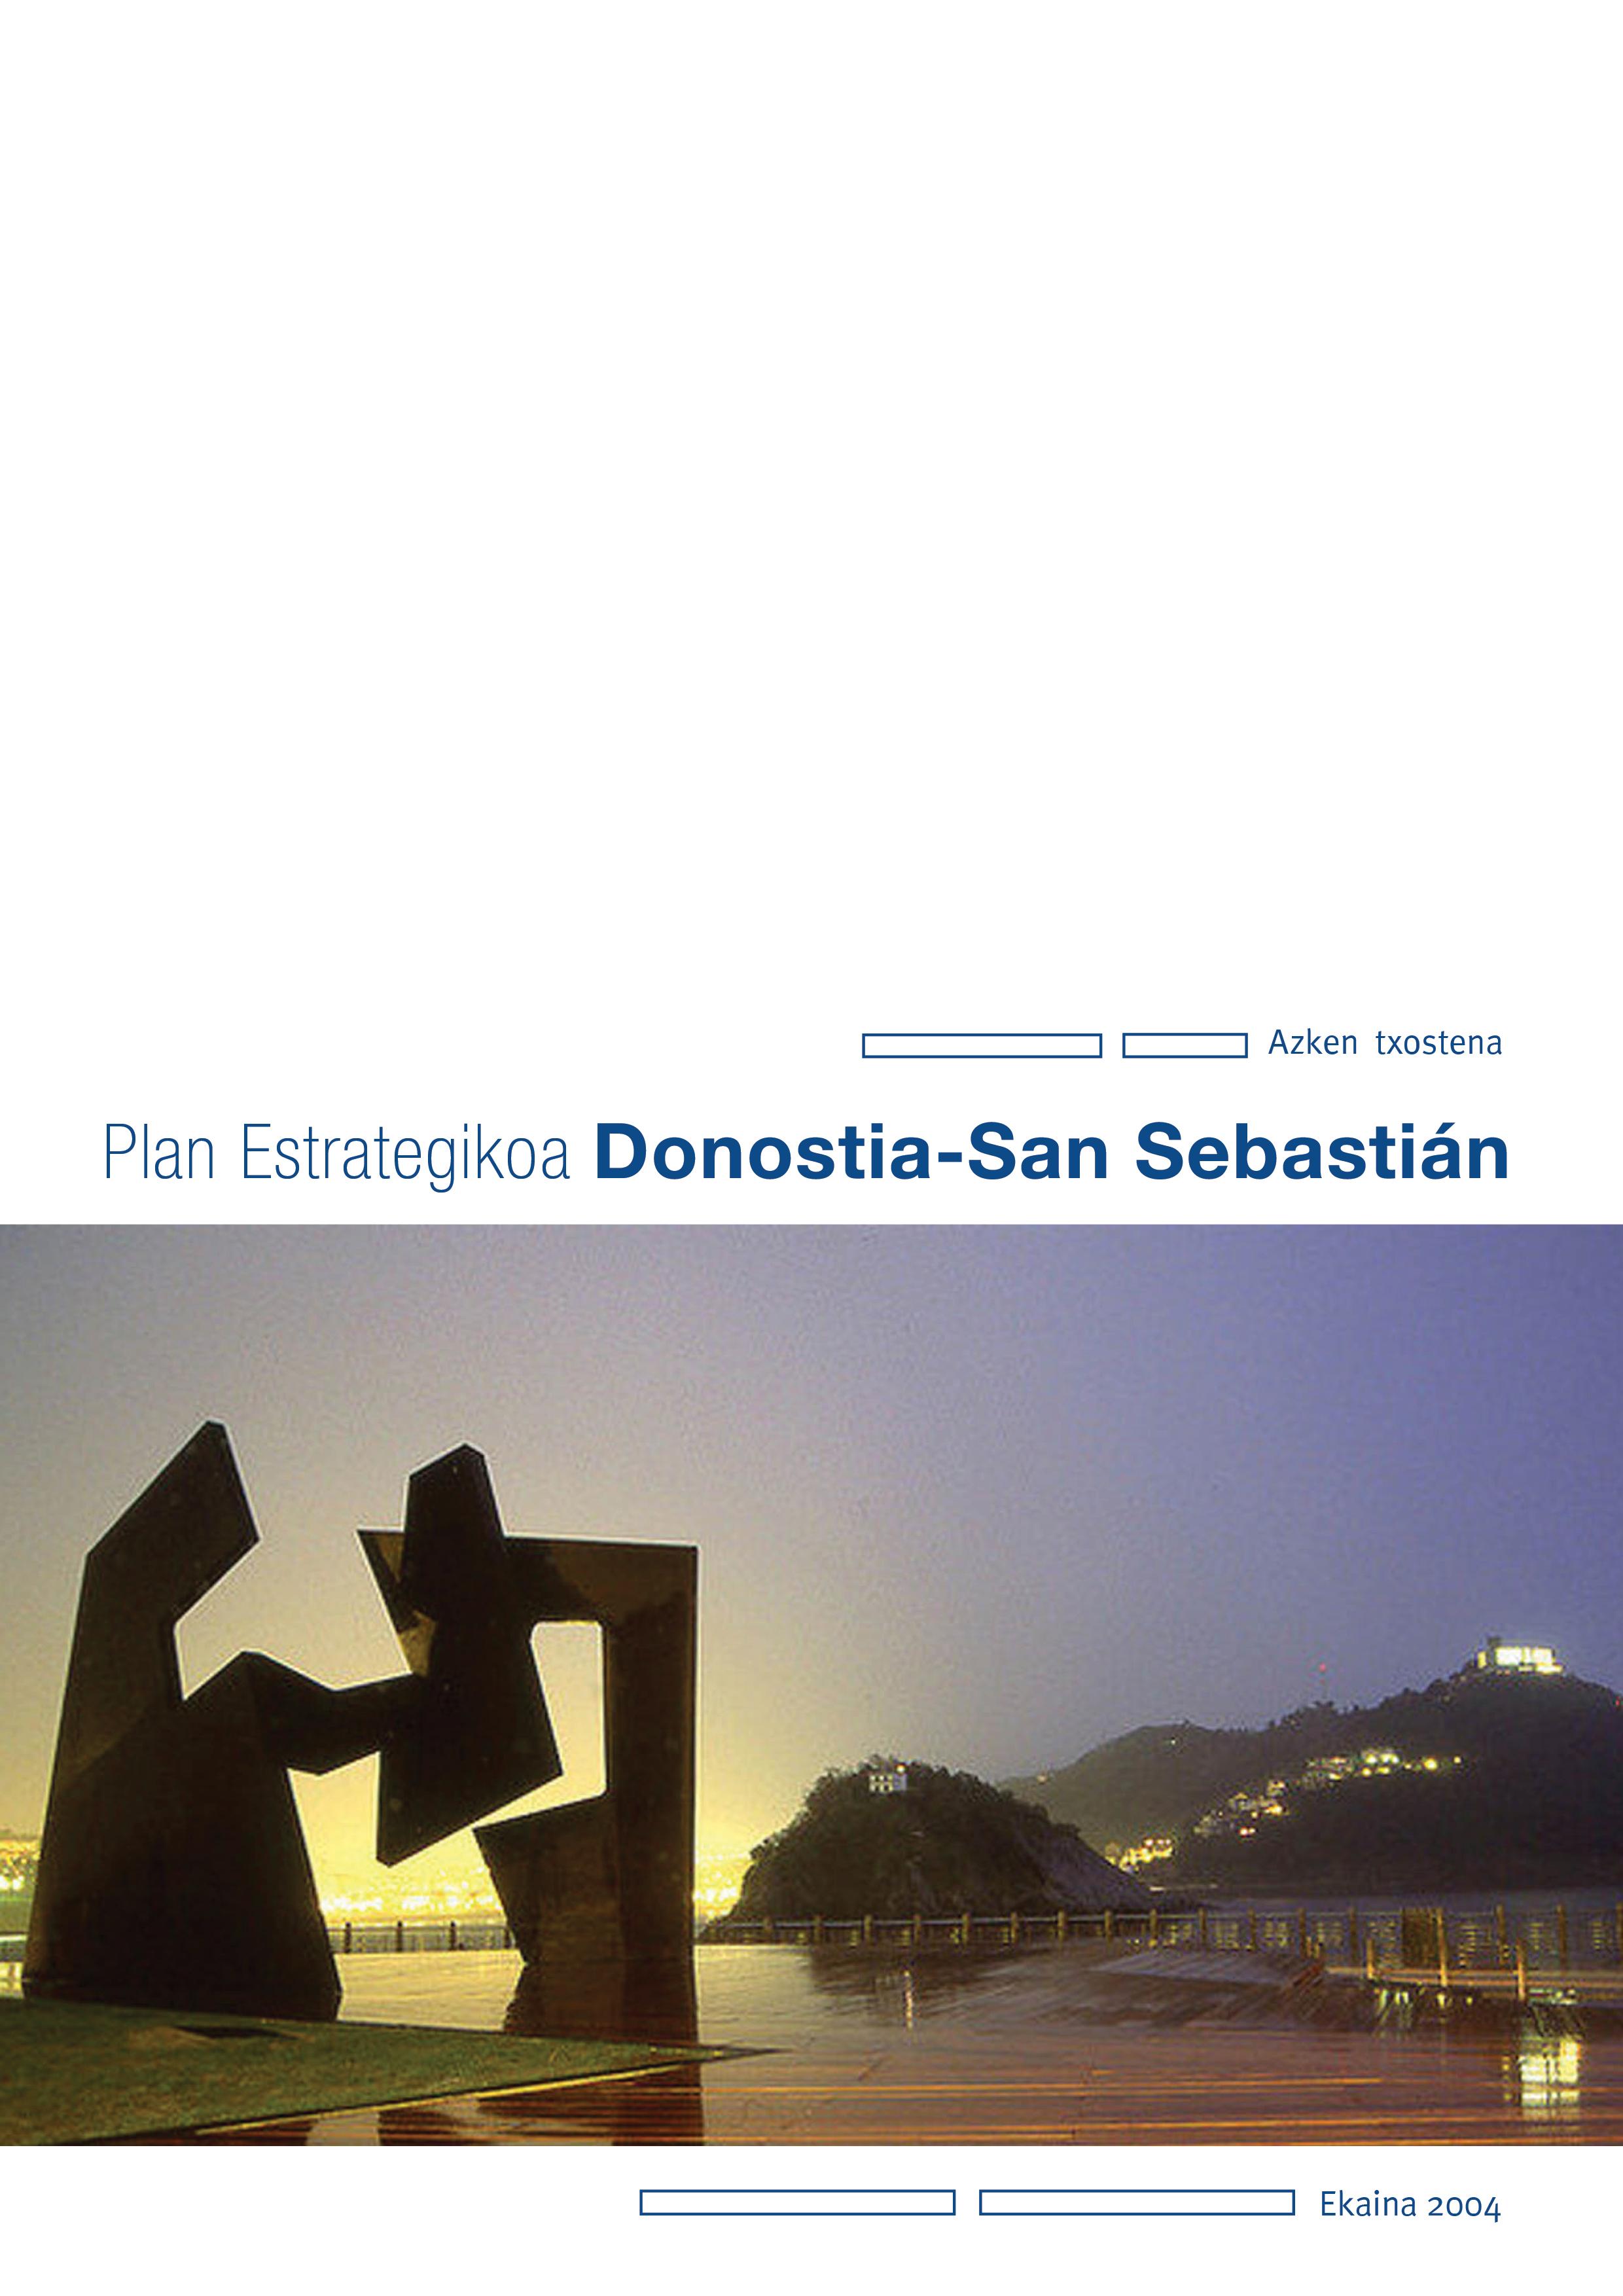 2010 Donostiako Plan Estrategikoa. Azken txostena